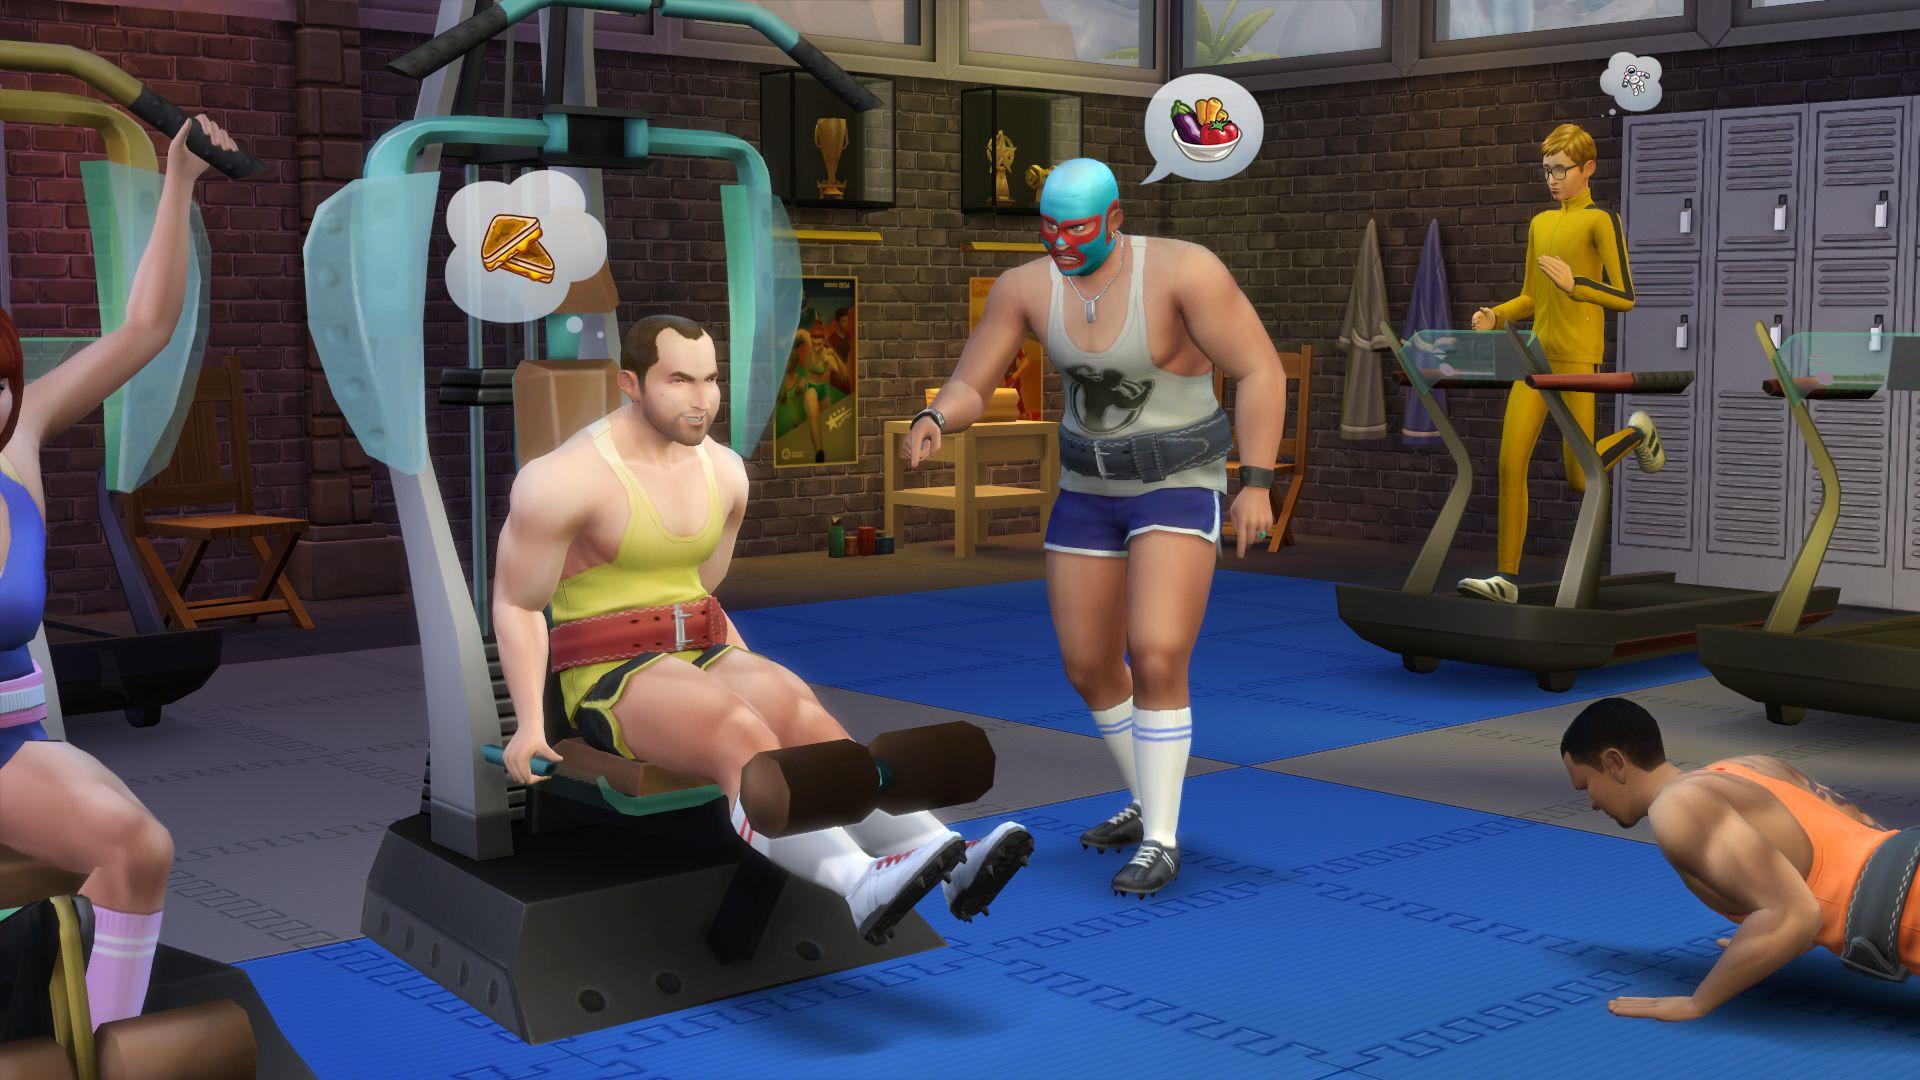 Los Sims 4 Digital Deluxe todas las expansiones